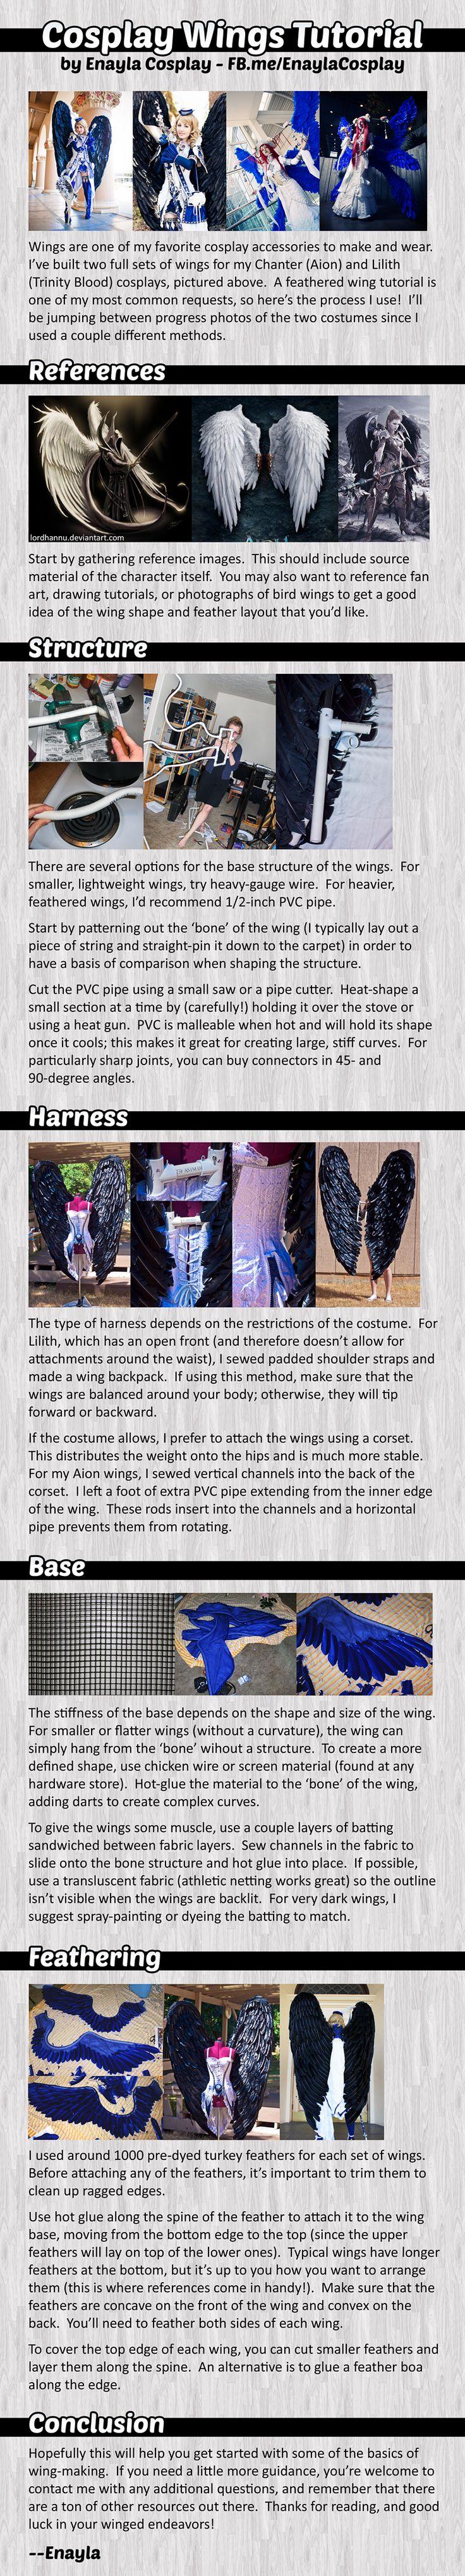 Cosplay Wings Tutorial by elliria.deviantart.com on @deviantART